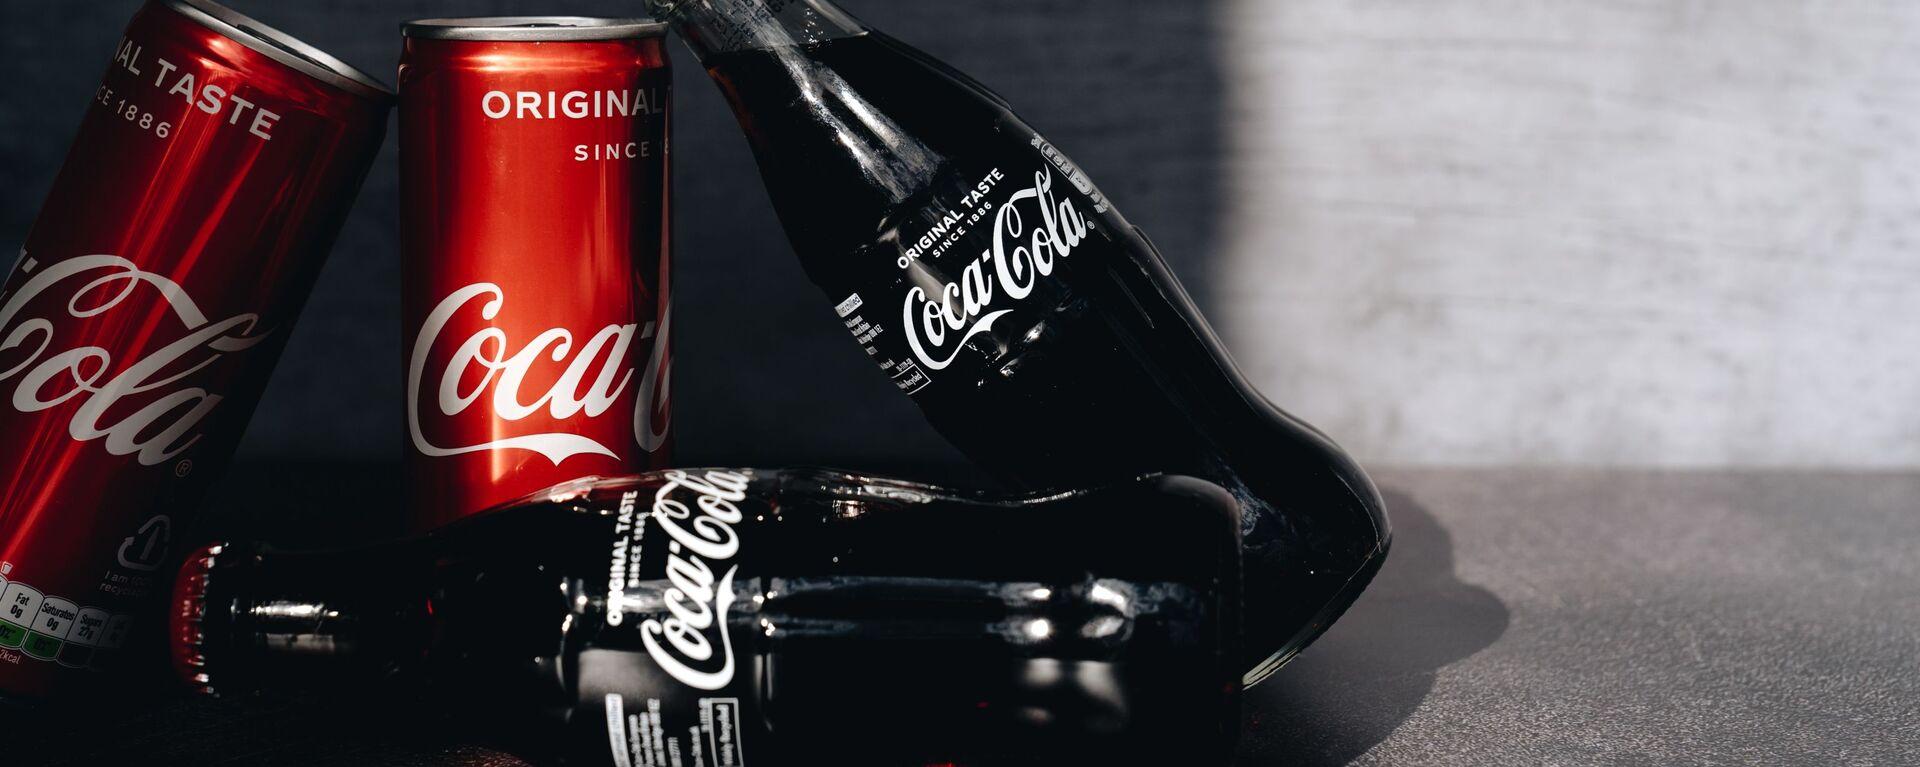 Latas y botellas de Coca-Cola (imagen referencial) - Sputnik Mundo, 1920, 25.06.2021